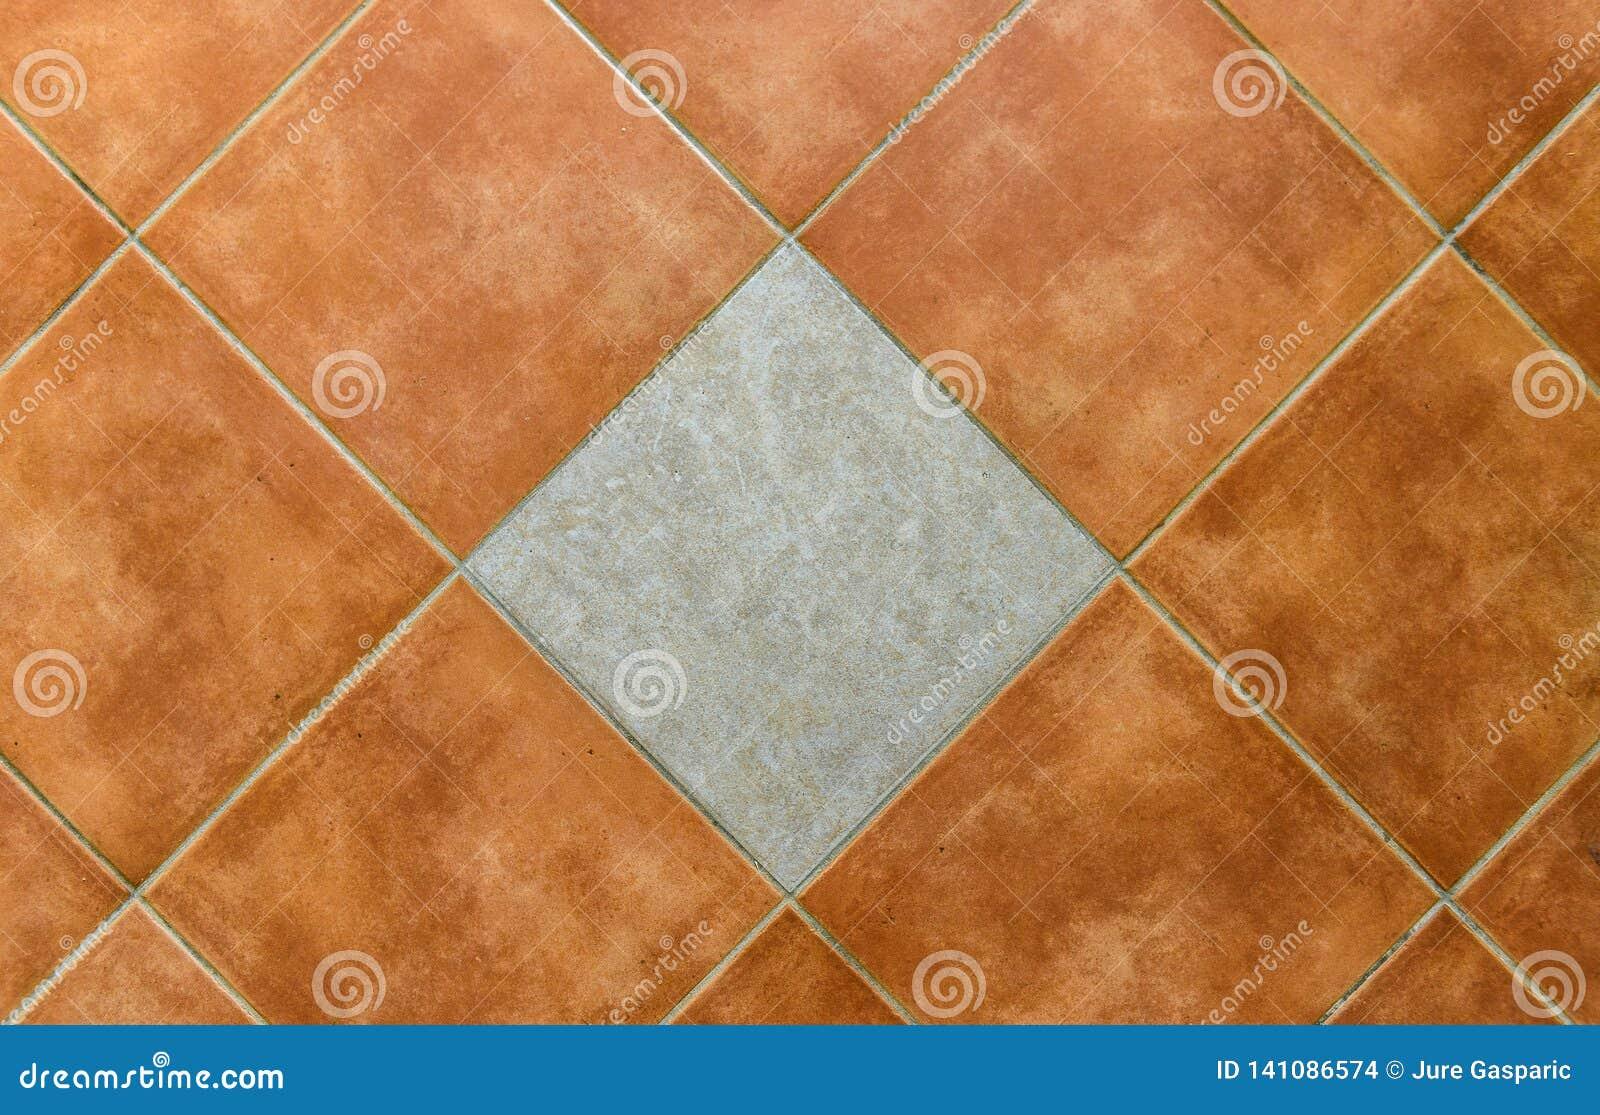 Piastrelle Di Ceramica Quadrate Interne O Esteriori Della ...